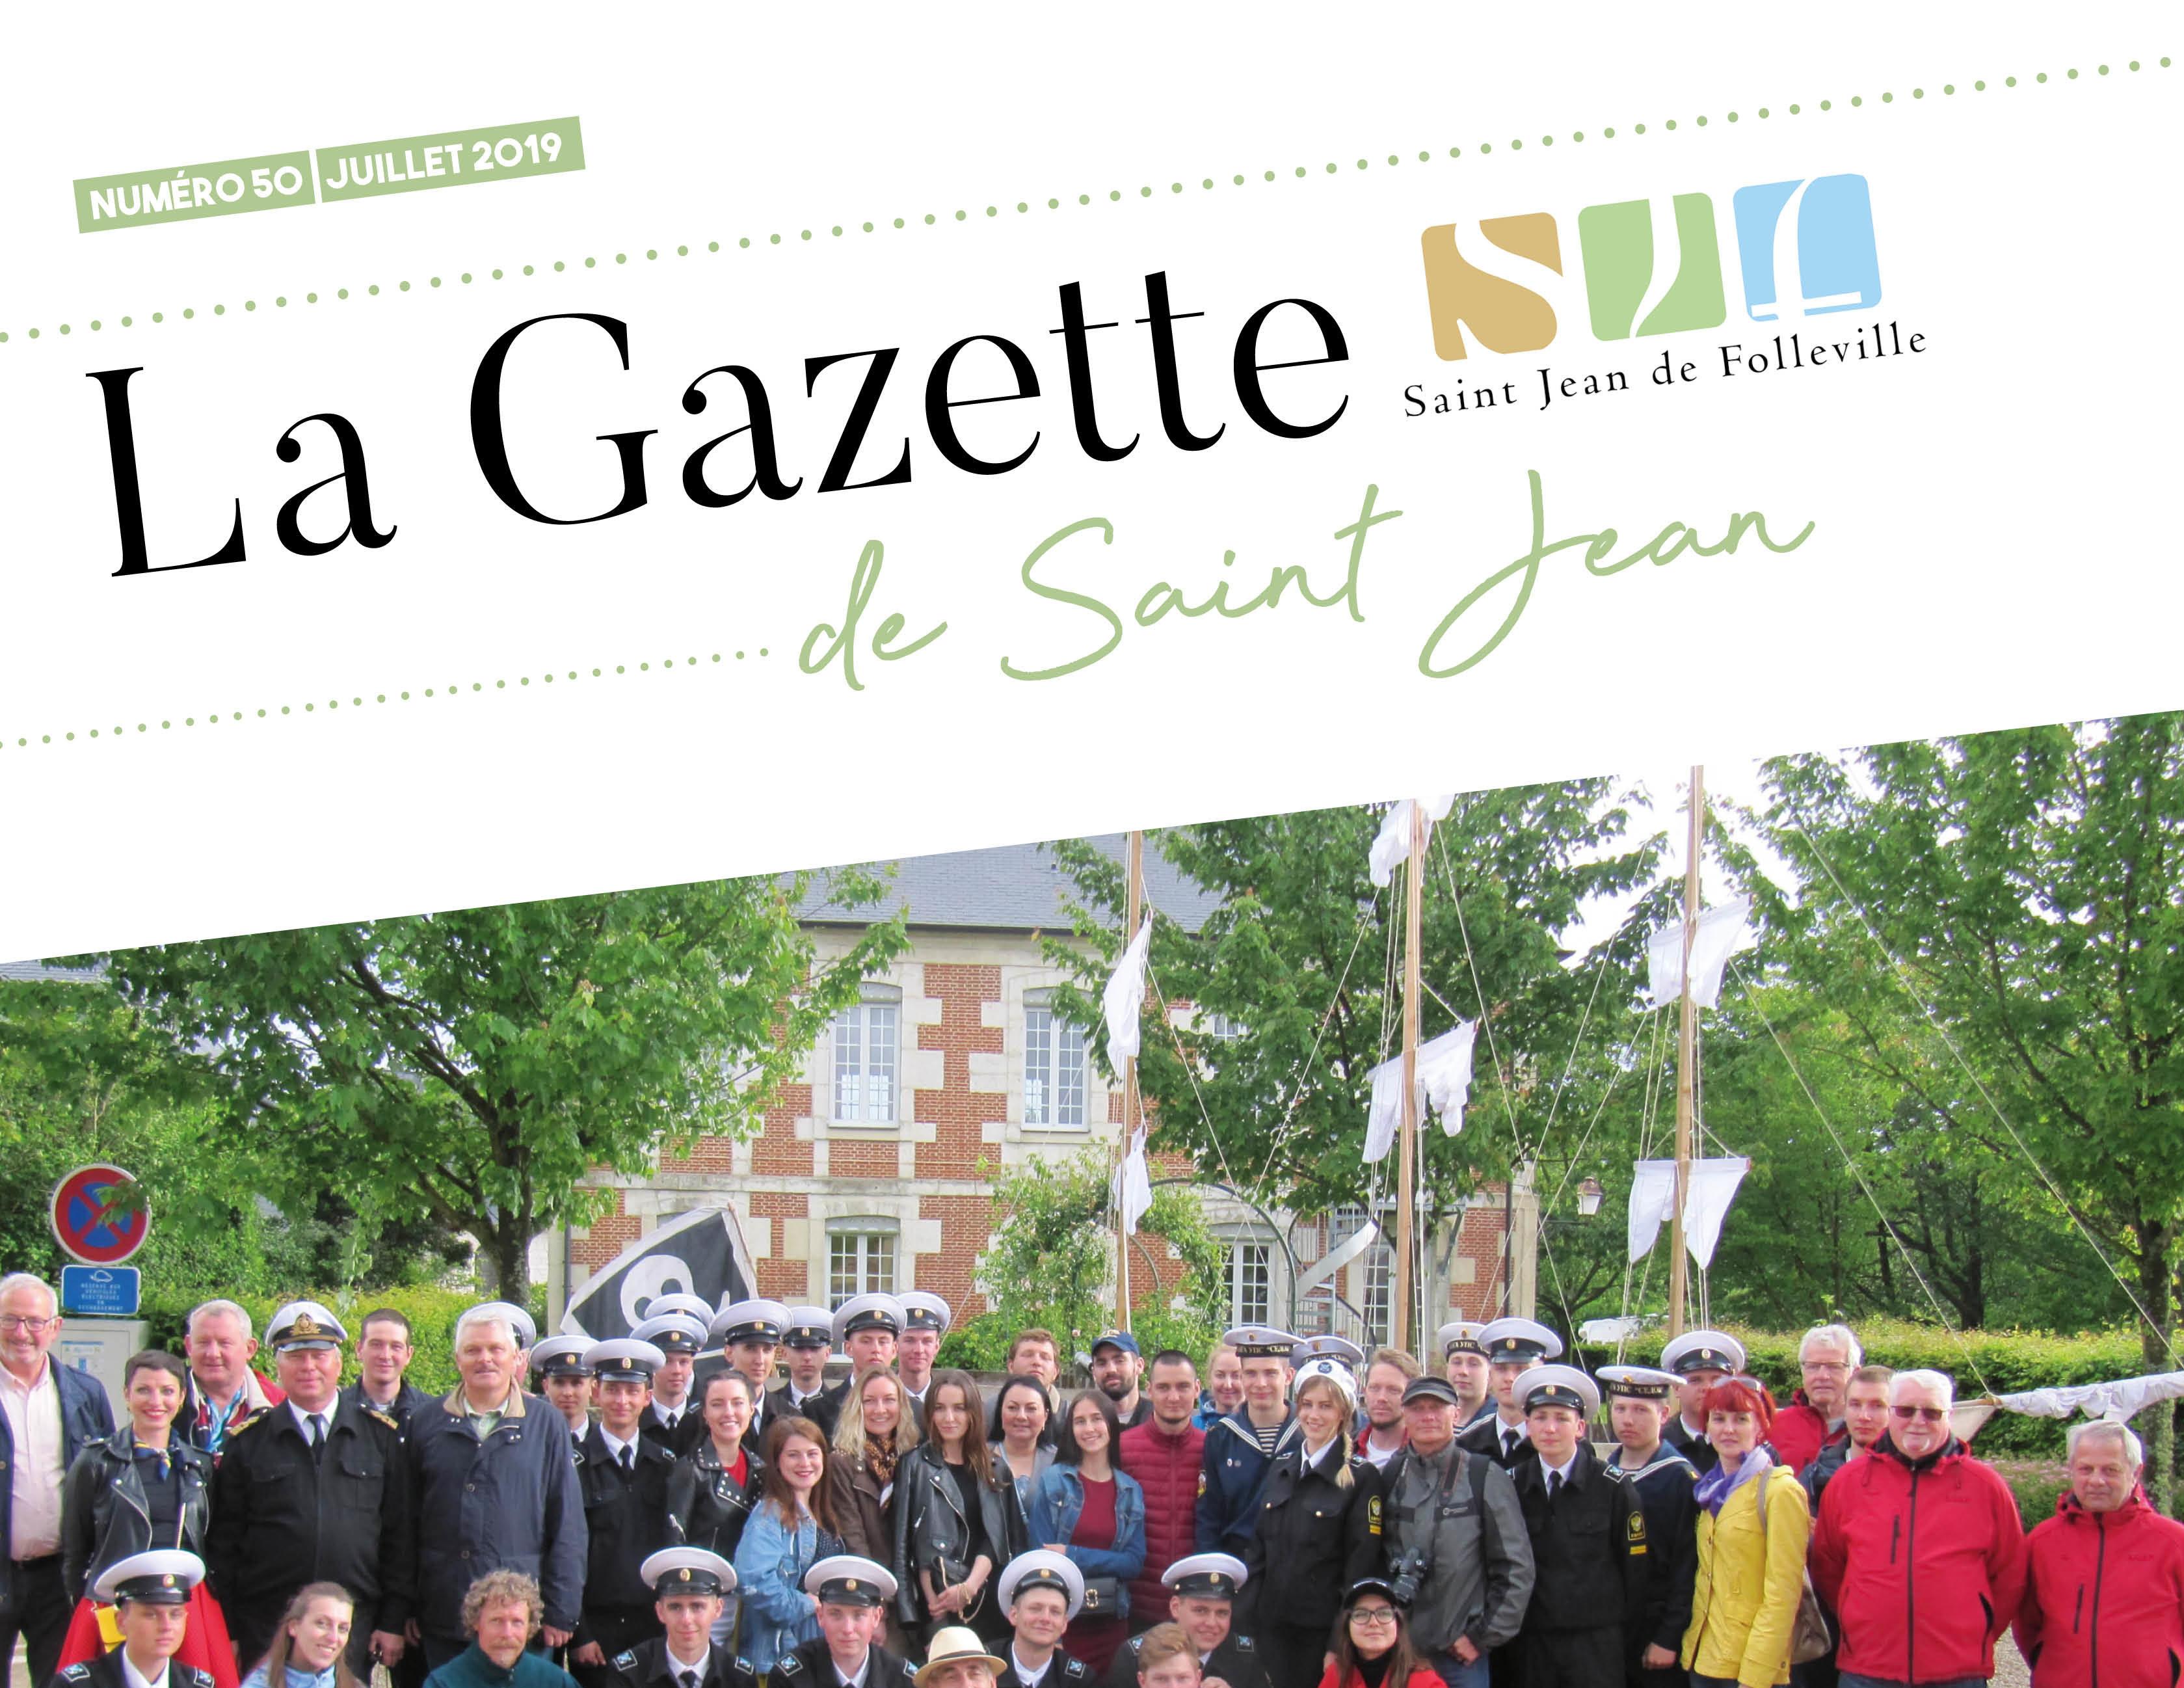 Gazette de Juillet 2019